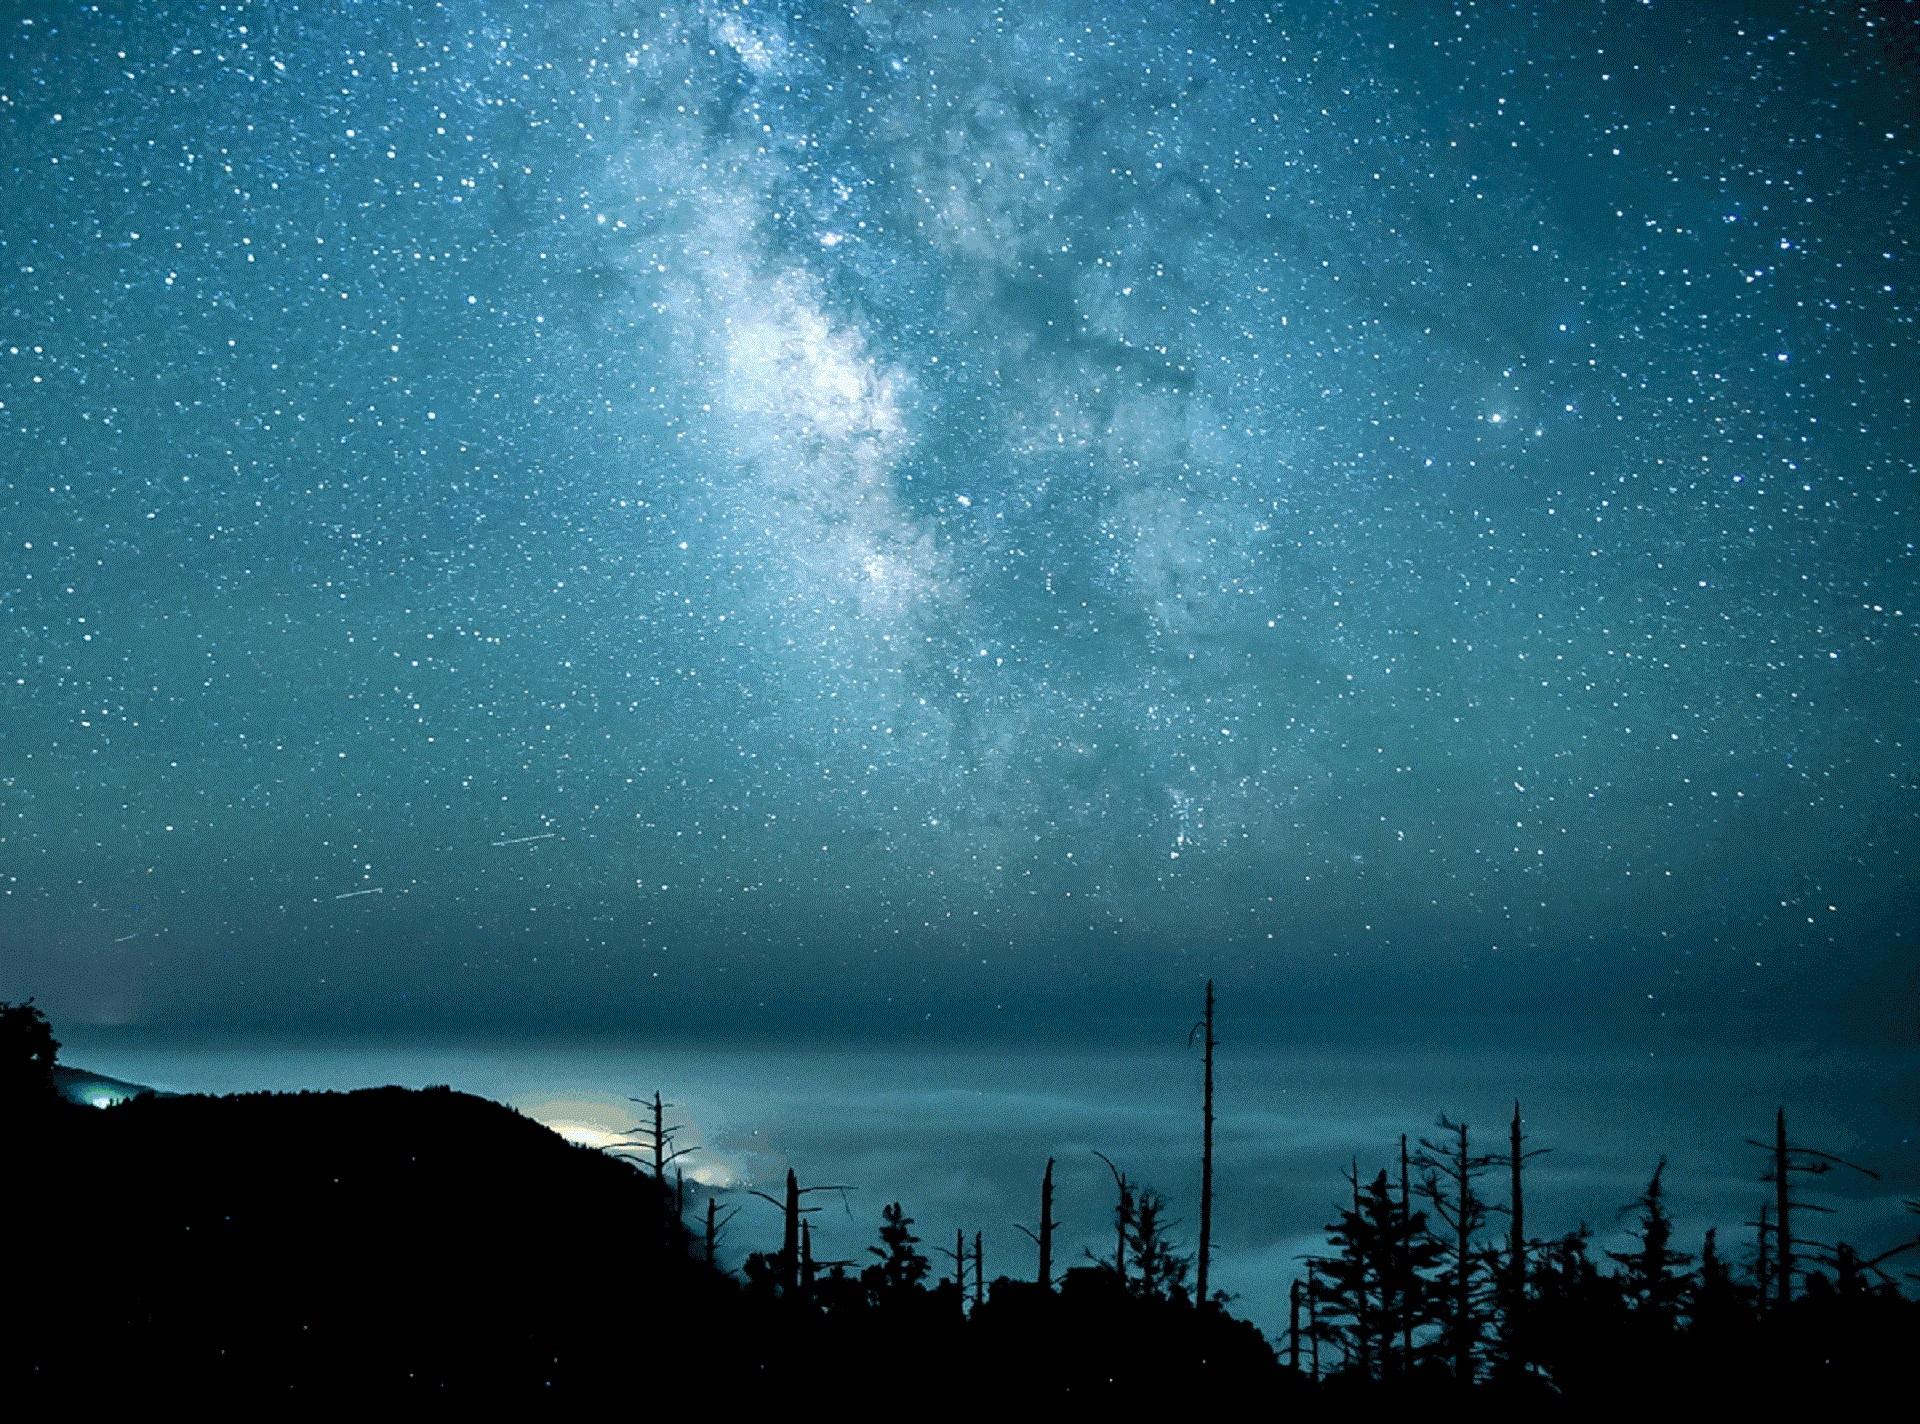 永遠の価値ある星の叡智・占星術についてのイメージ